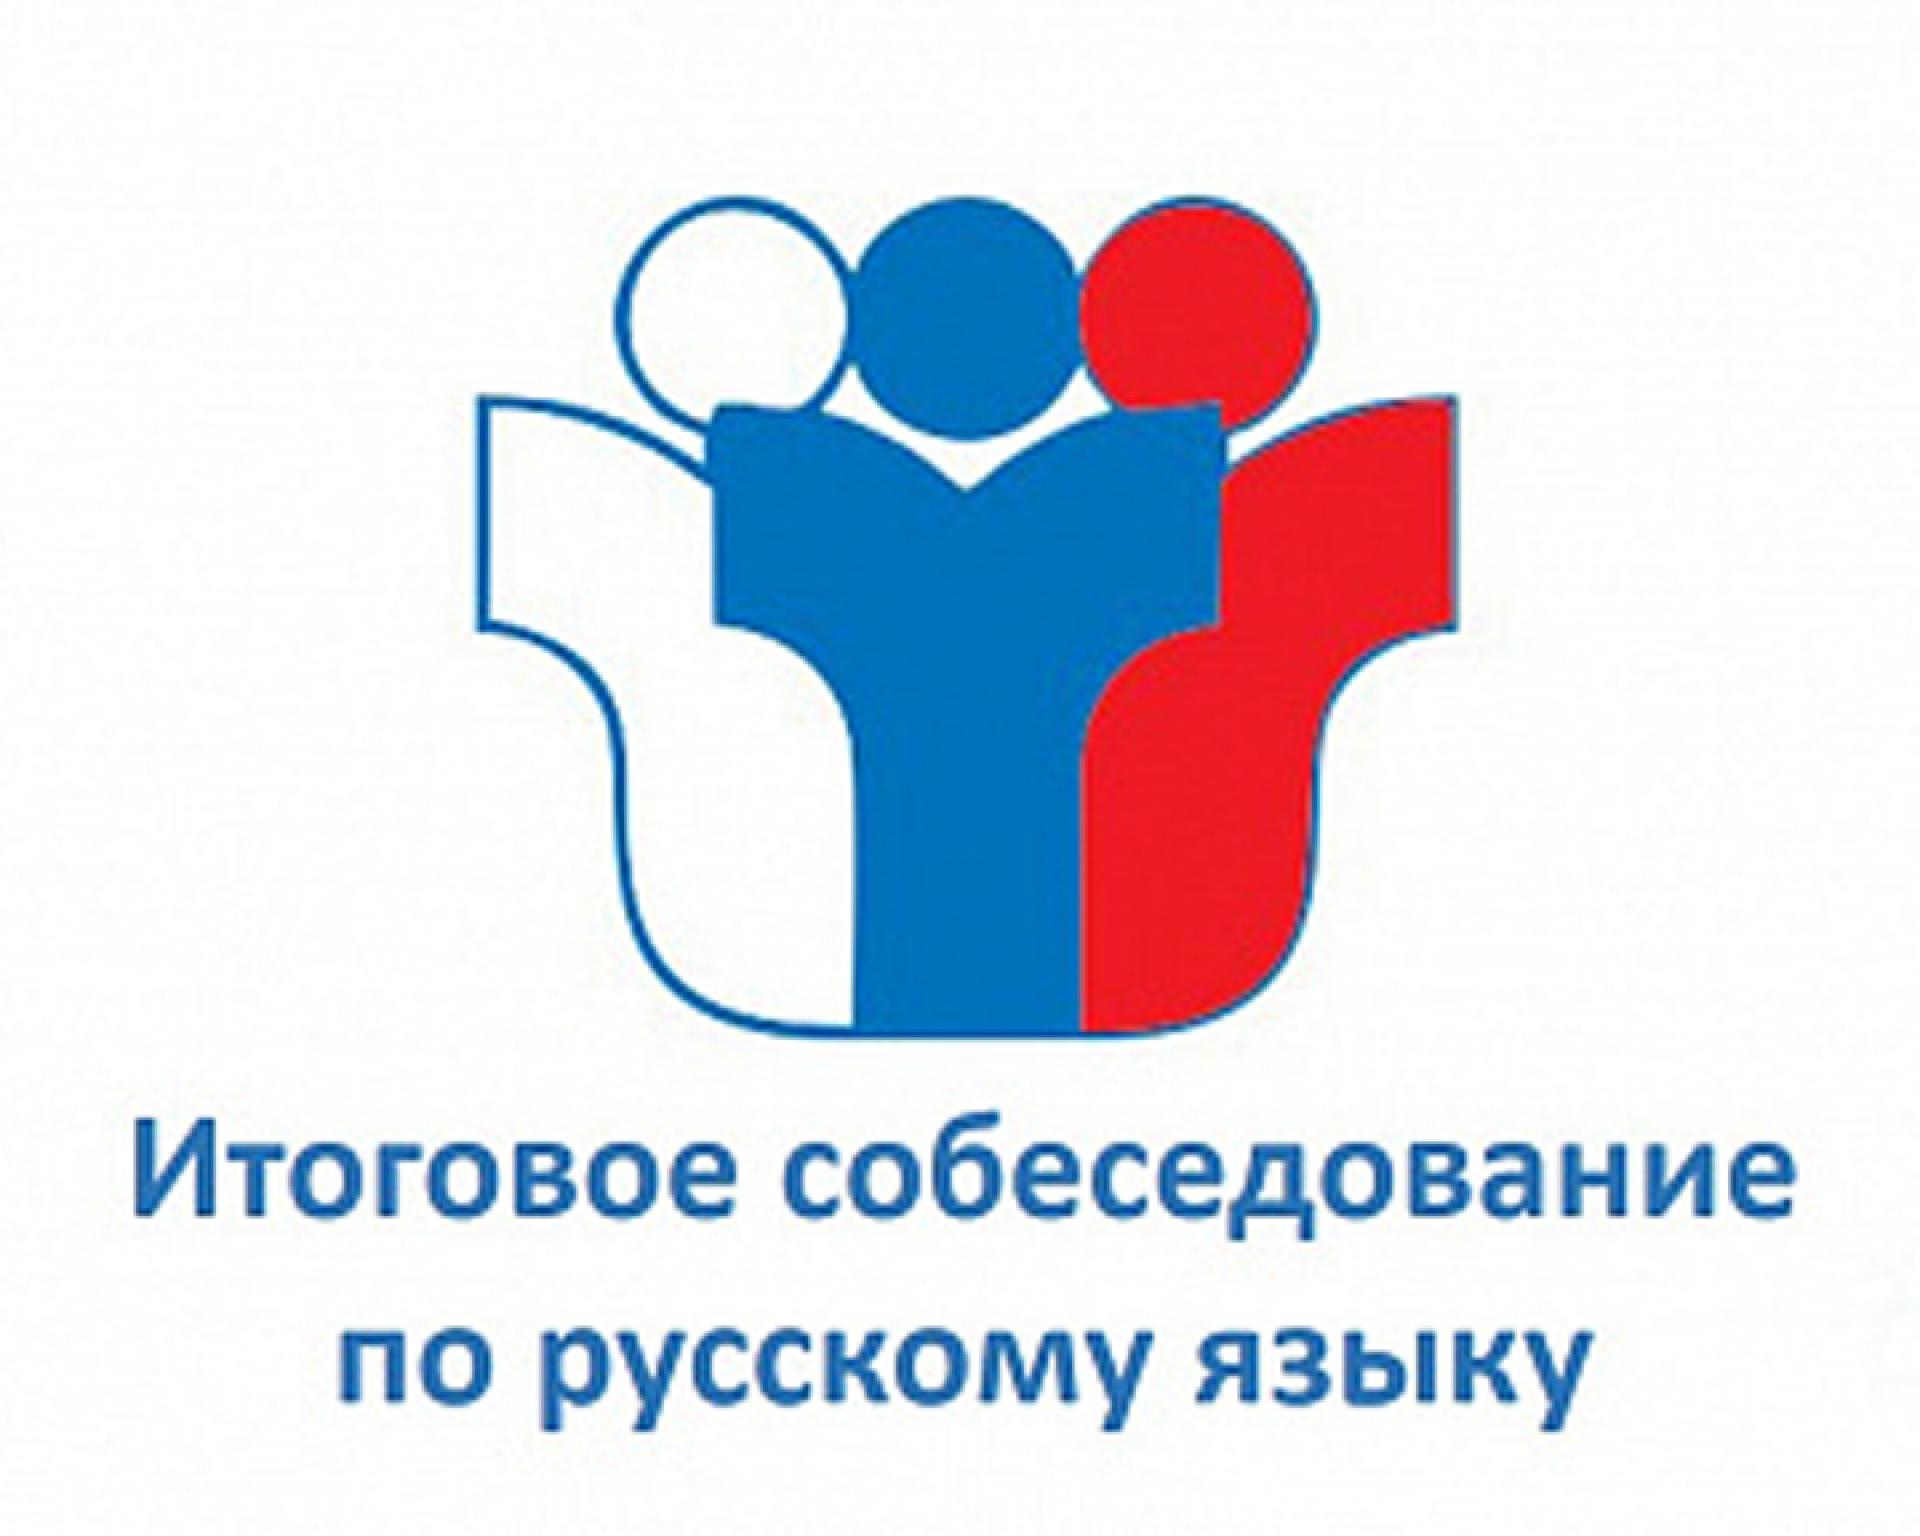 Устная часть ОГЭ по русскому языку — как готовиться?